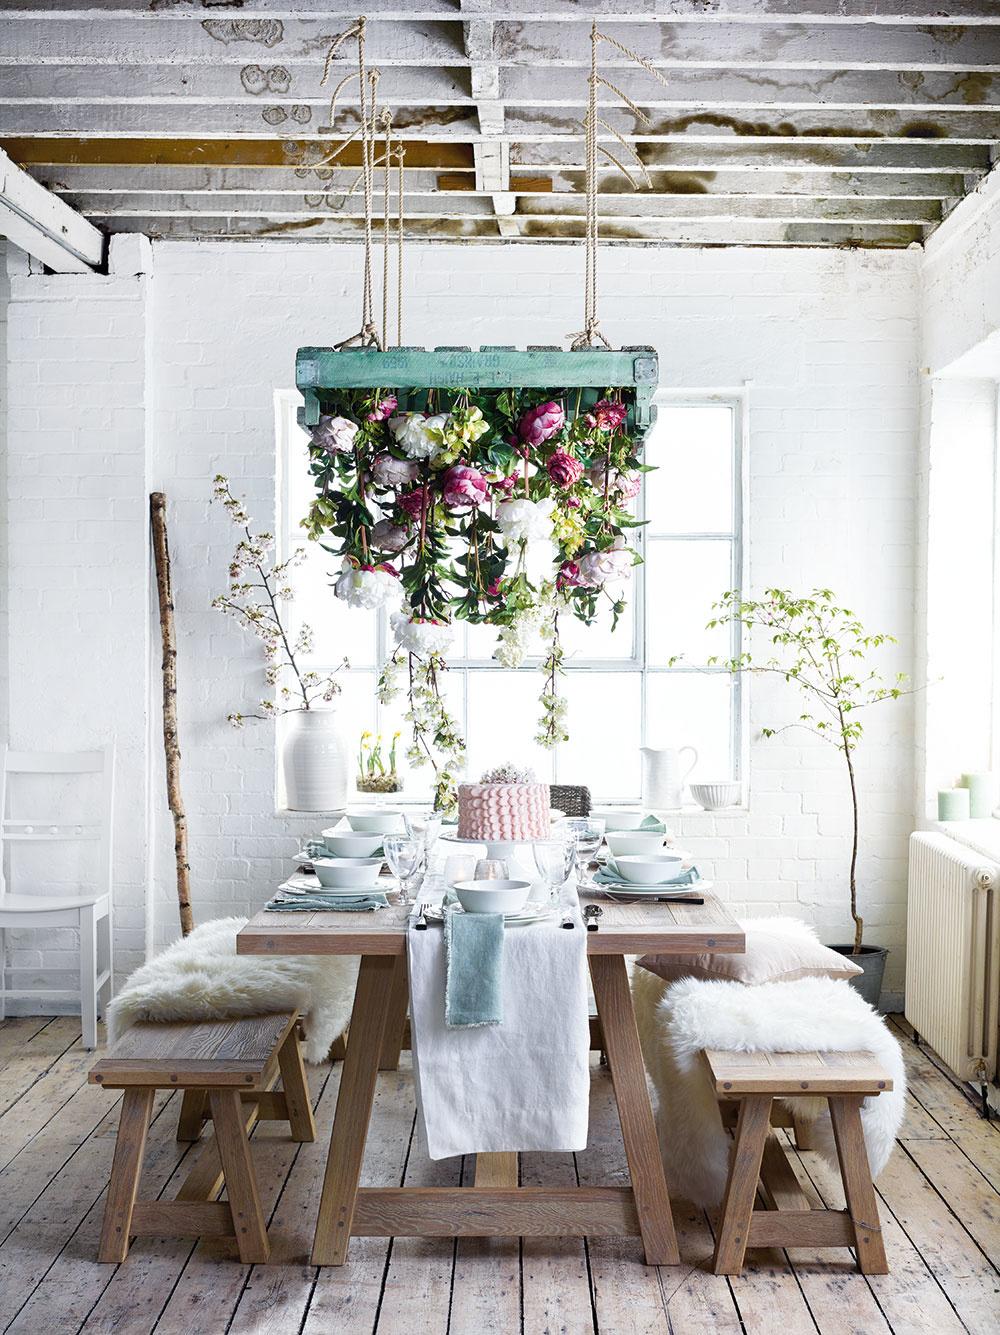 Končí sa dlhá zima aprichádza jar. Kým zakvitnú prvé kvety, pomôžte si aj umelými vyrobenými zlátky či papiera, apokojne to snimi prežeňte. Nezabudnite ani na vetvičky ovocných stromov. Najrýchlejším spôsobom, ako na stôl dostať jarnú náladu, je prestieranie vpestrých, sviežich farbách. Netreba to preháňať sformalitami, jari svedčia prírodné textílie anajmä dobrá nálada.